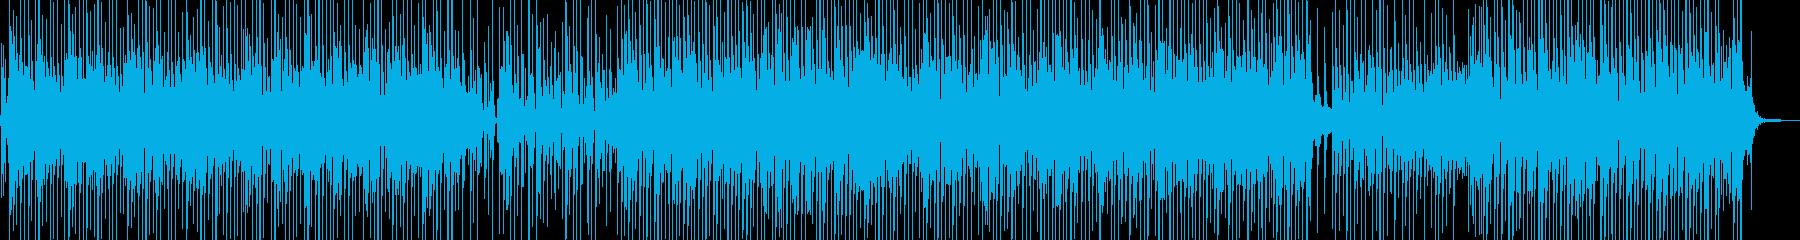 バカンスの雰囲気をイメージしたレゲェ Bの再生済みの波形